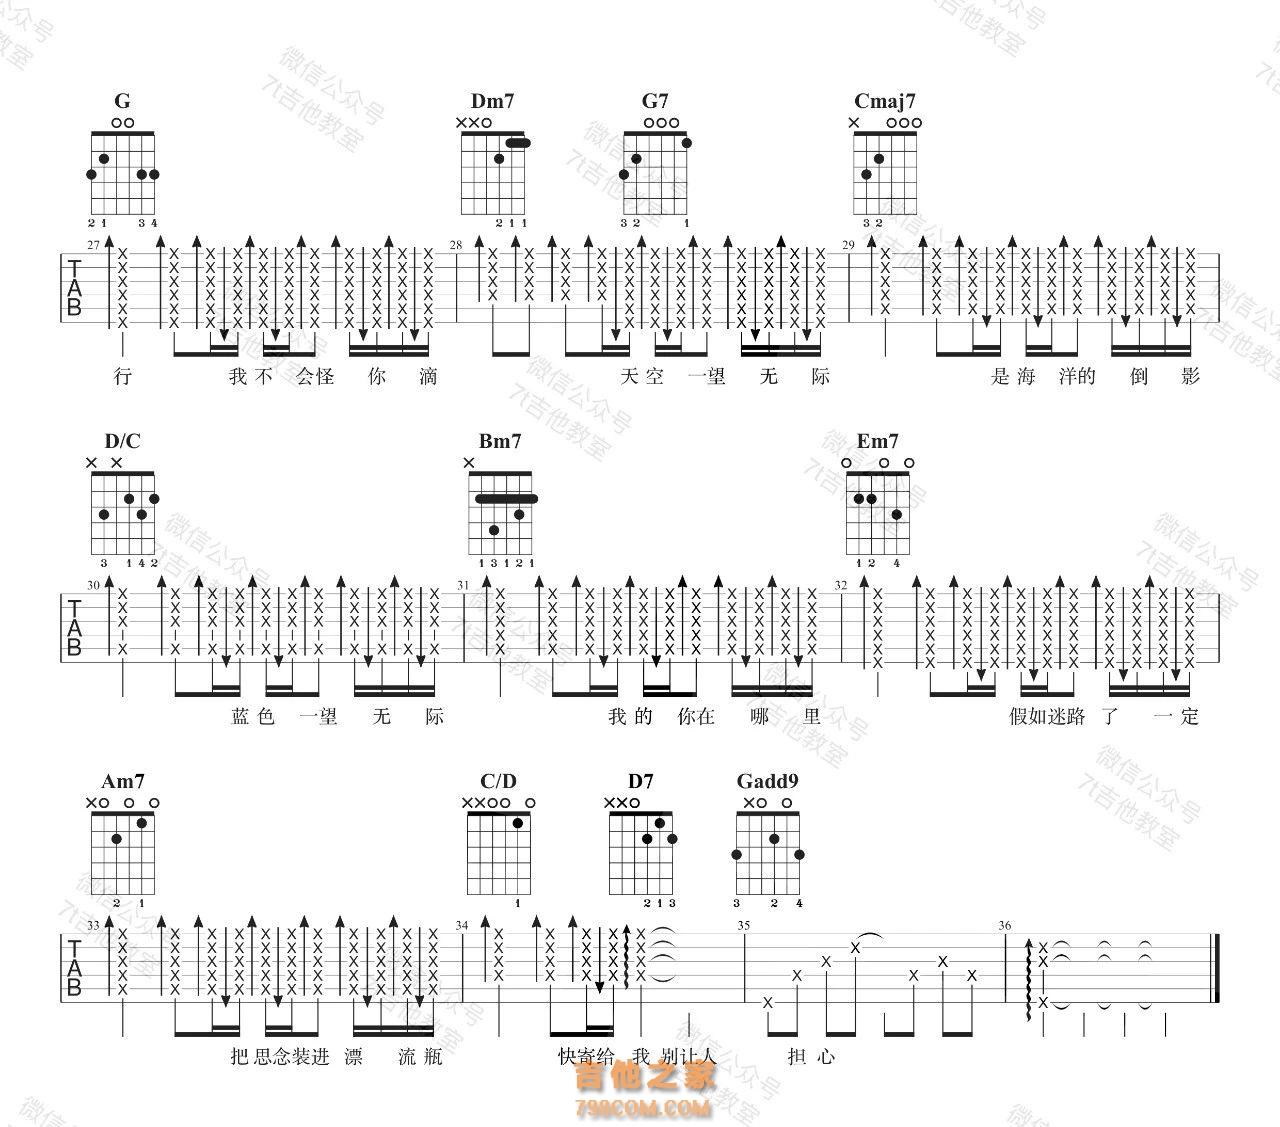 任然最好听的歌_无人之岛吉他谱·任然《无人之岛》吉他谱【7t吉他教室】 - 吉他 ...